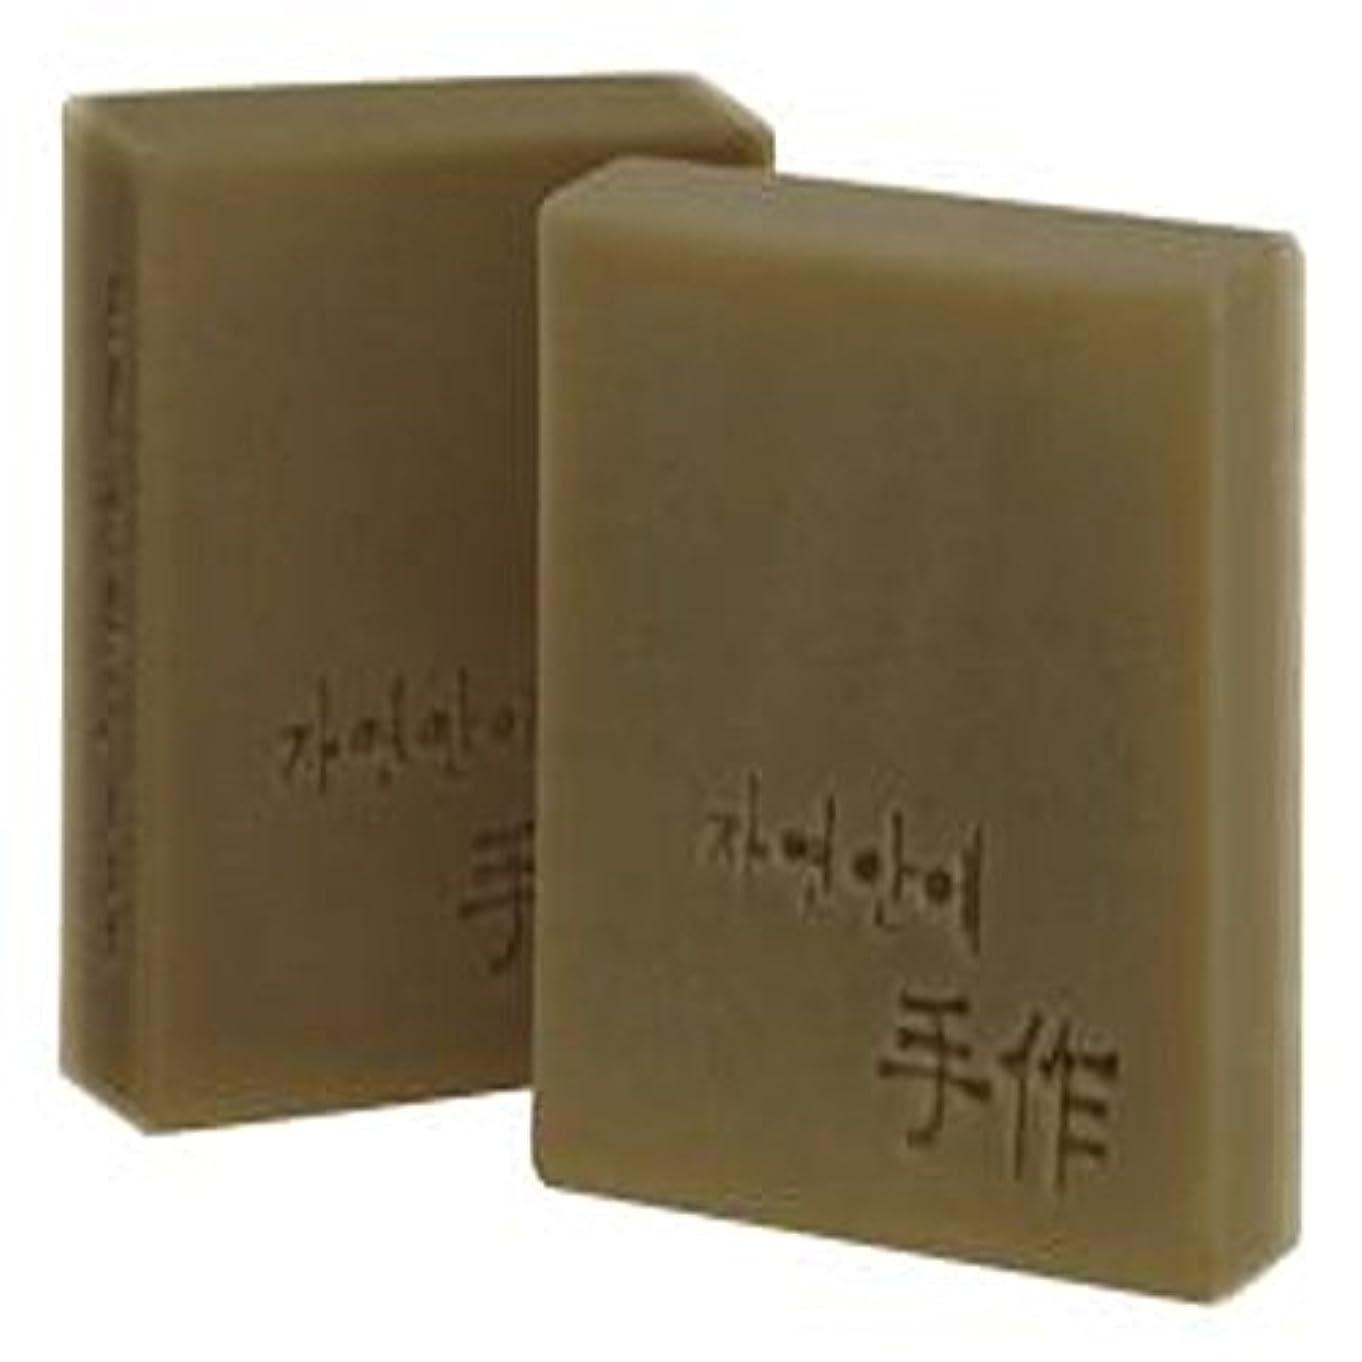 レンズ季節征服するNatural organic 有機天然ソープ 固形 無添加 洗顔せっけんクレンジング 石鹸 [並行輸入品] (カボチャ)